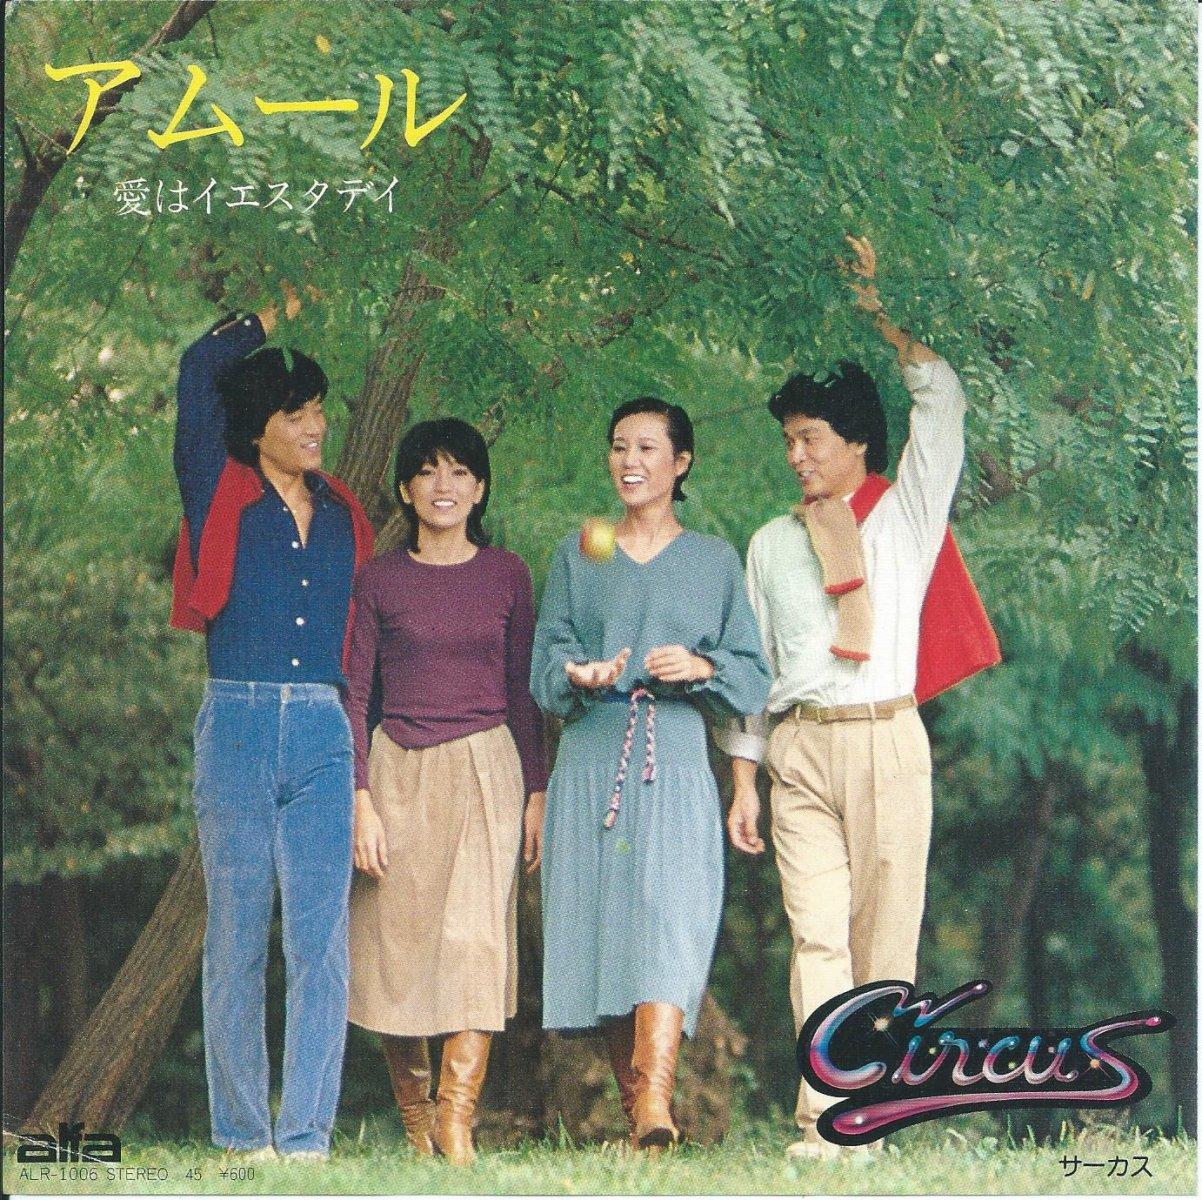 サーカス CIRCUS / アムール / 愛はイエスタディ (前田憲男) (7